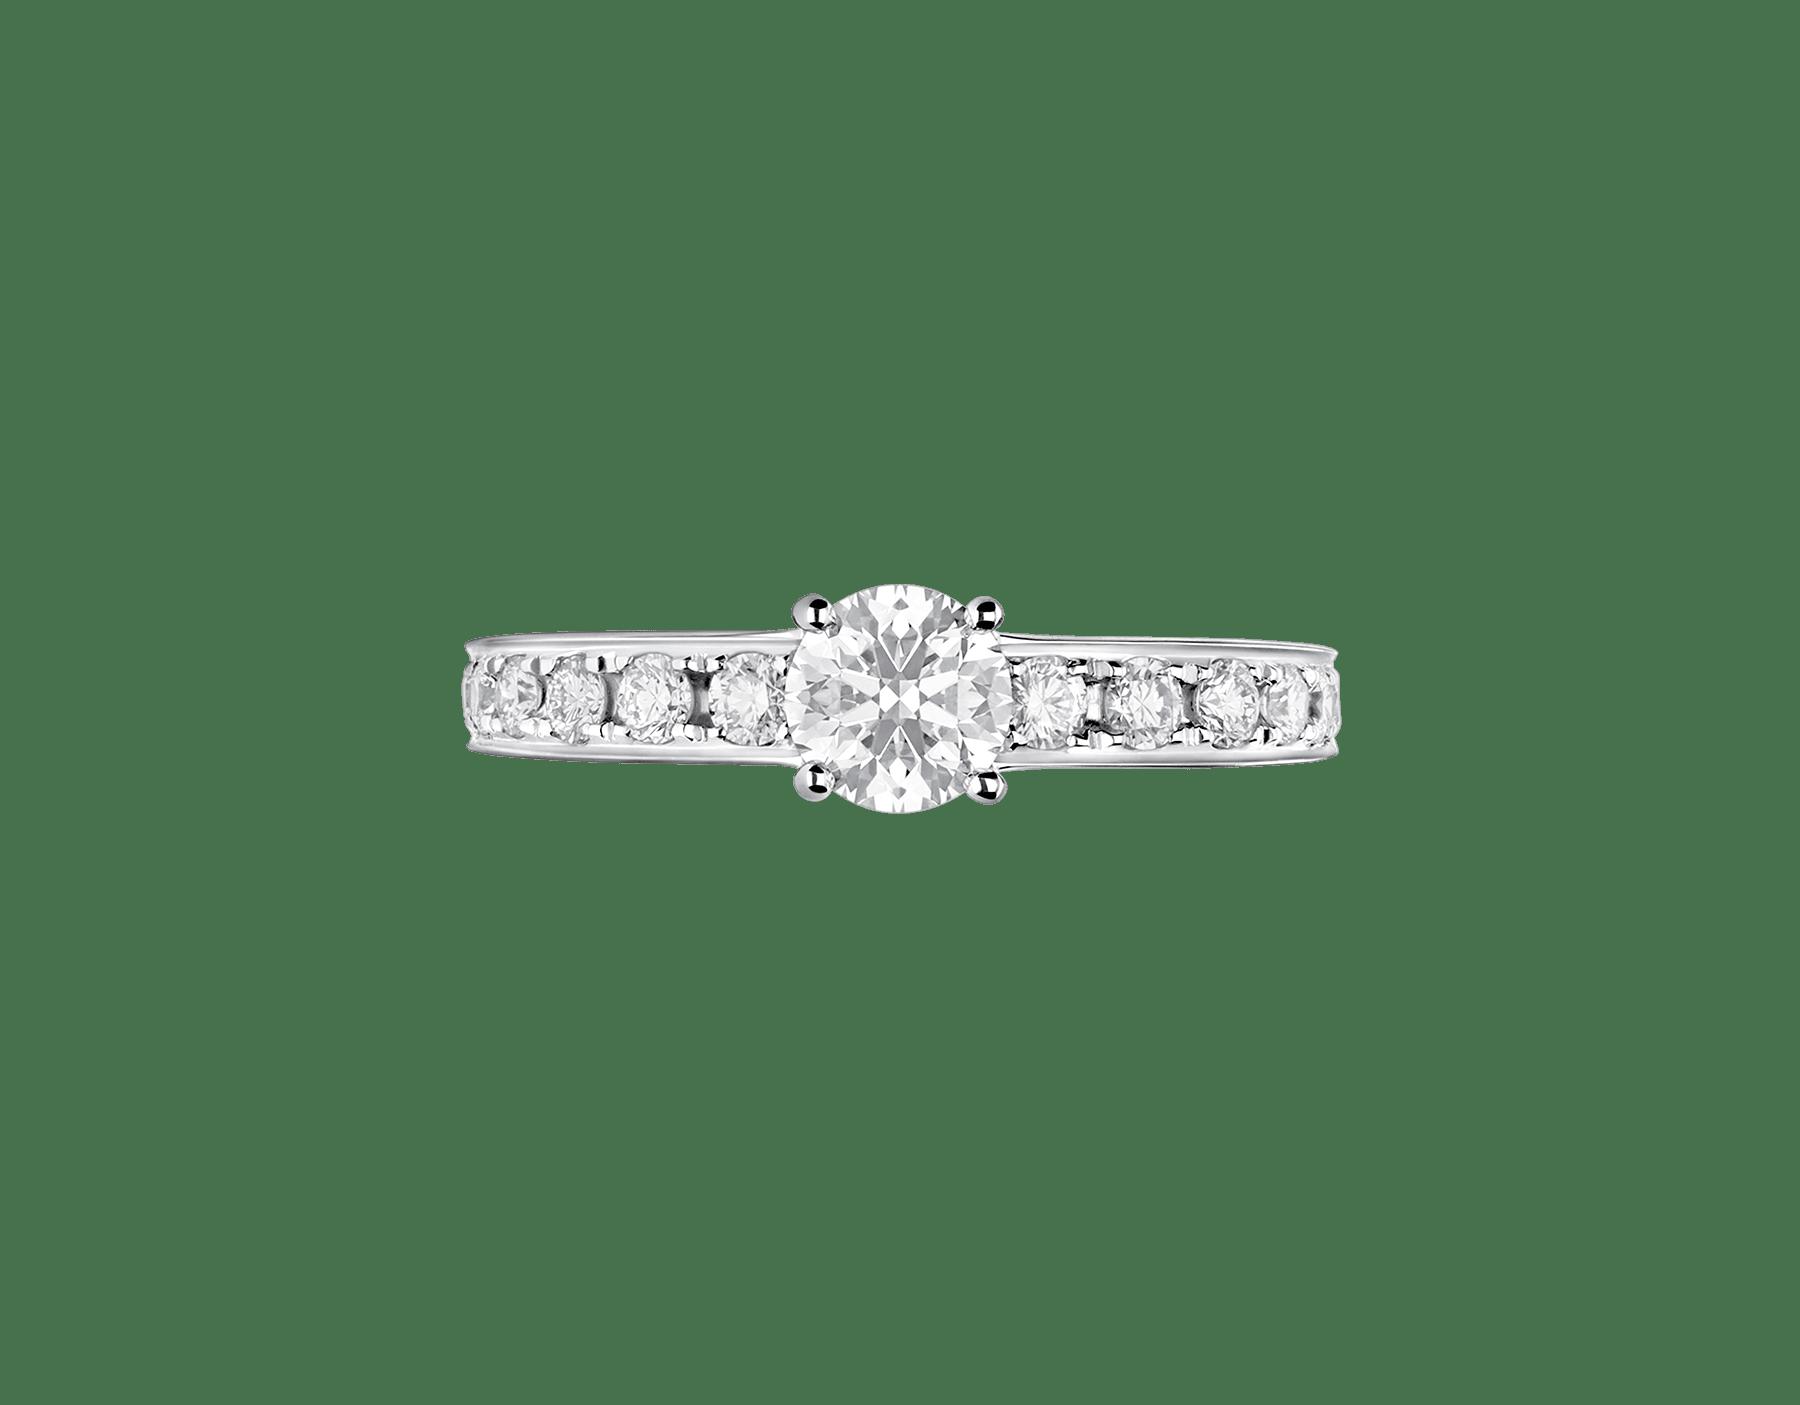 Dedicata a Venezia: solitaire1503 en platine serti d'un diamant rond taille brillant et pavé diamants 343211 image 3